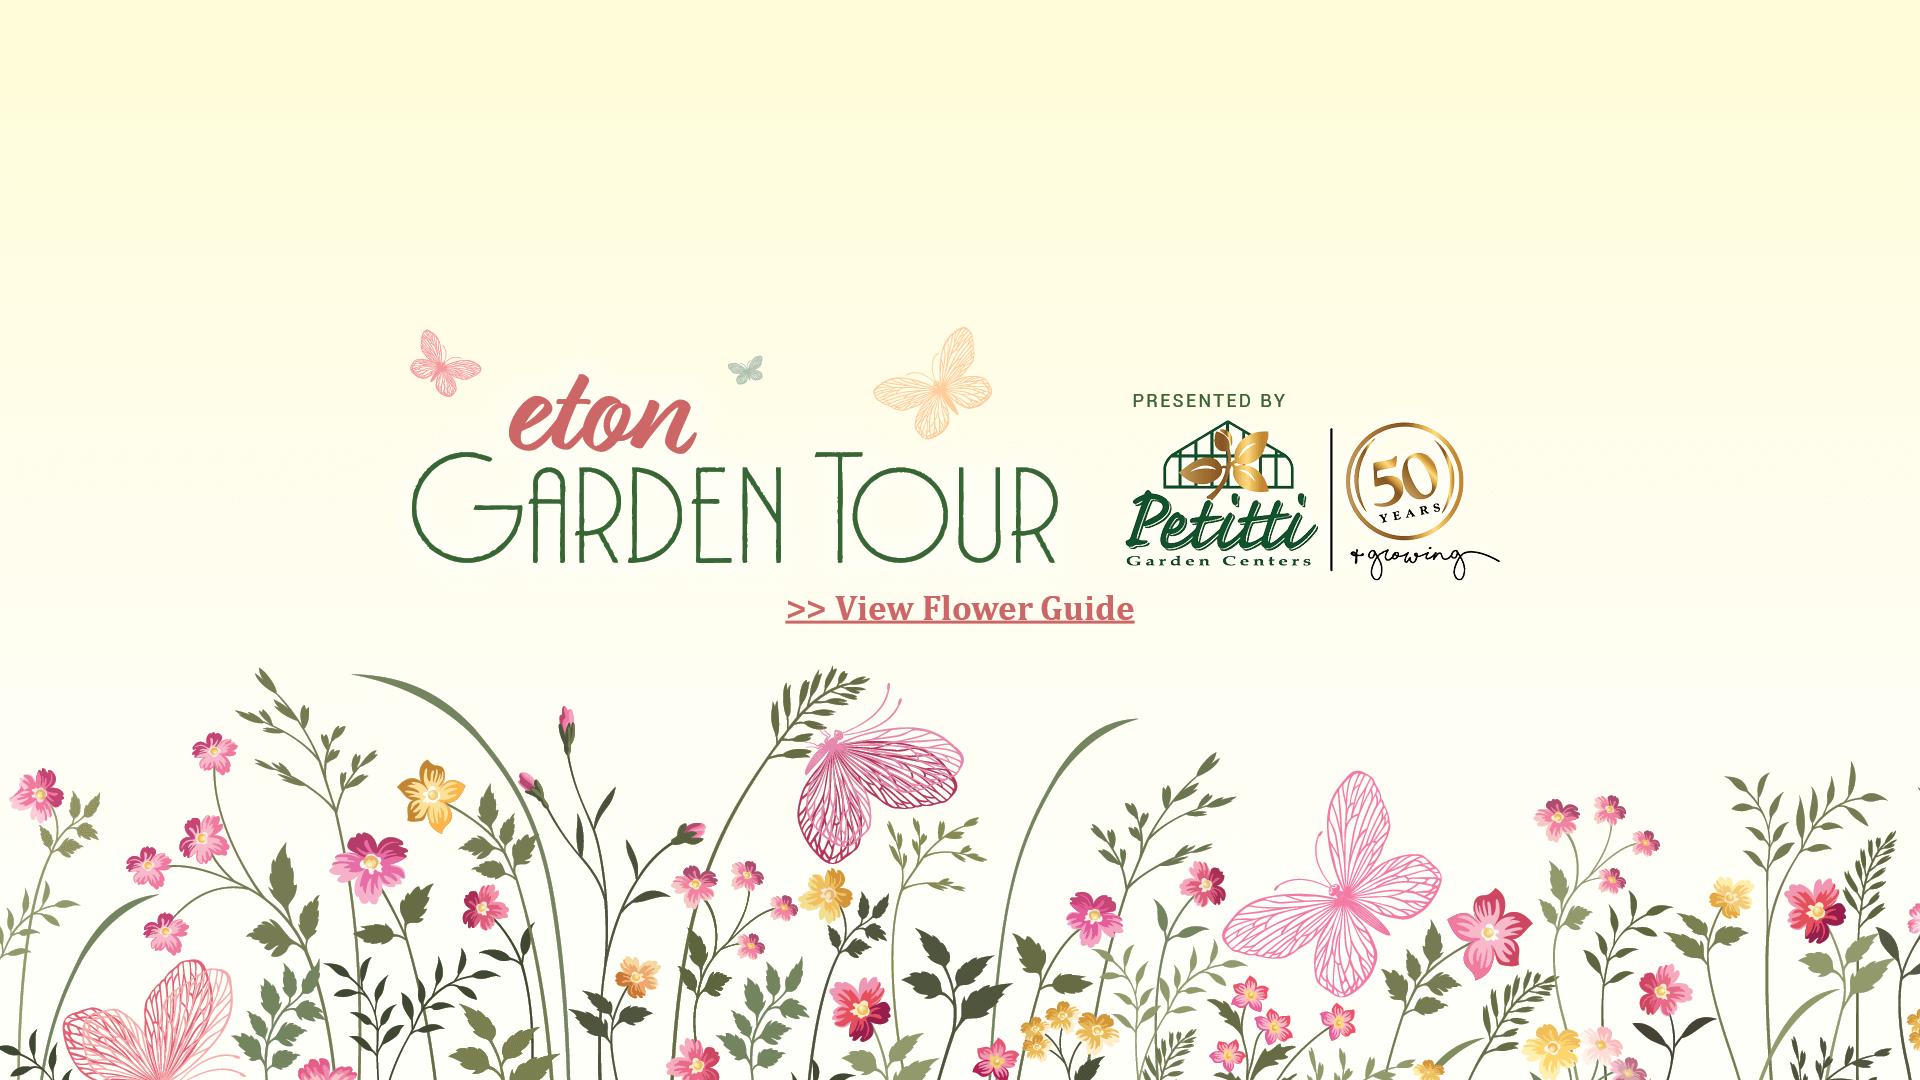 Eton Garden Tour